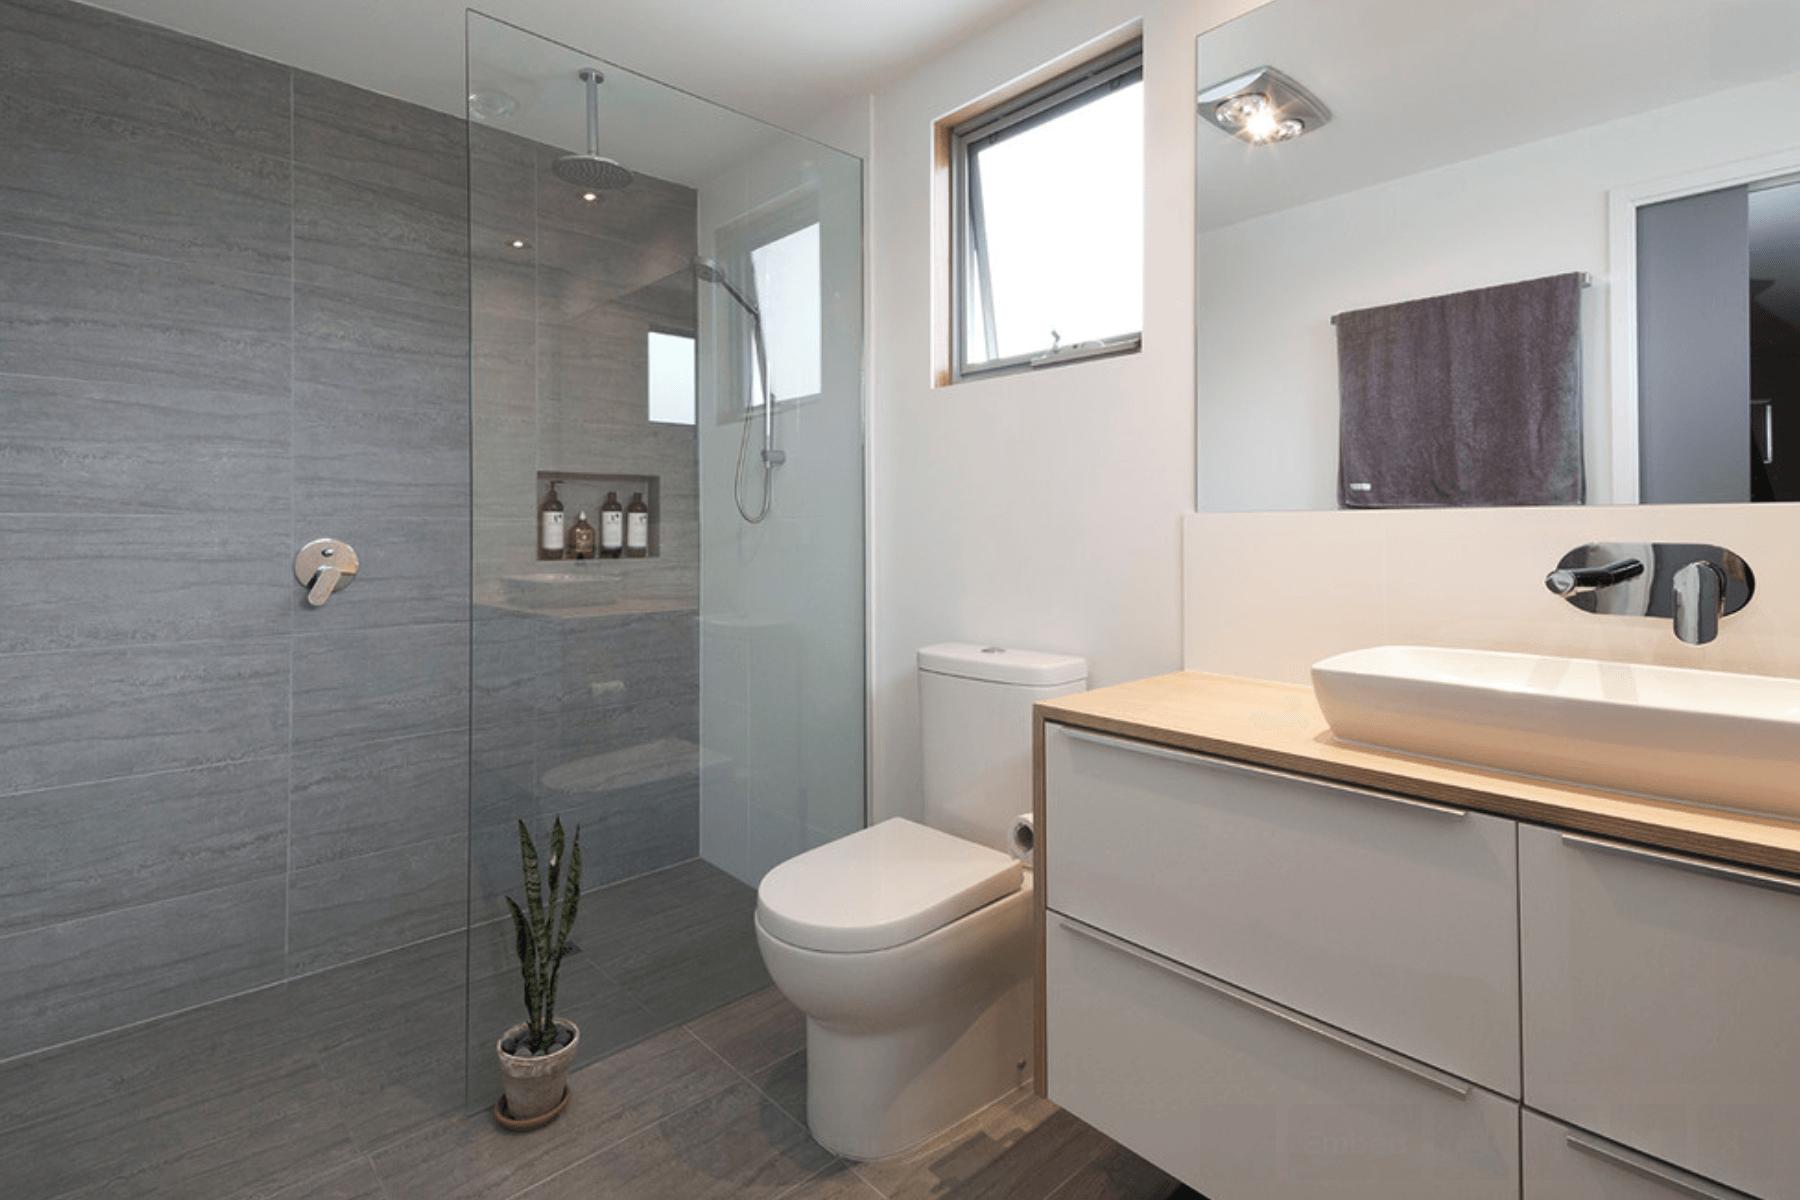 30 Modelos de Banheiros de Inspiração!  Arquidicas -> Banheiros Modernos Atuais